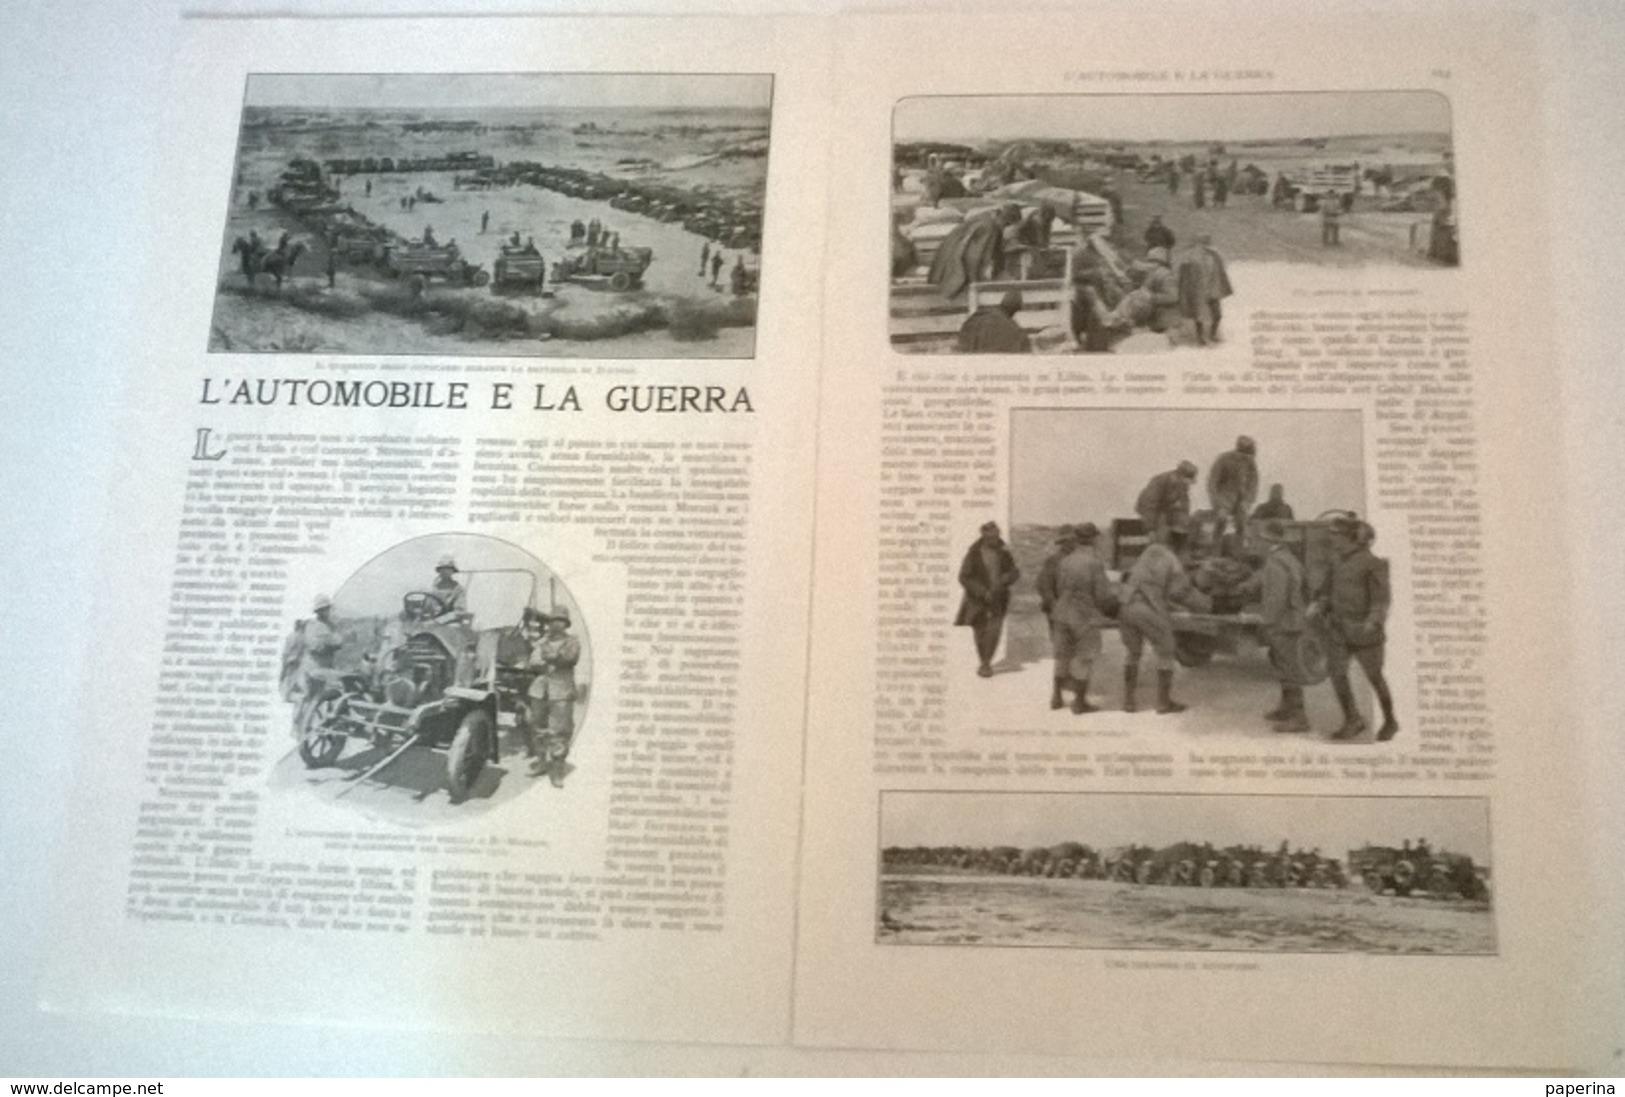 L'AUTOMOBILE E LA GUERRA - U. TEGANI 1914 ART. RITAGLIATO DA GIORNALE - Vieux Papiers